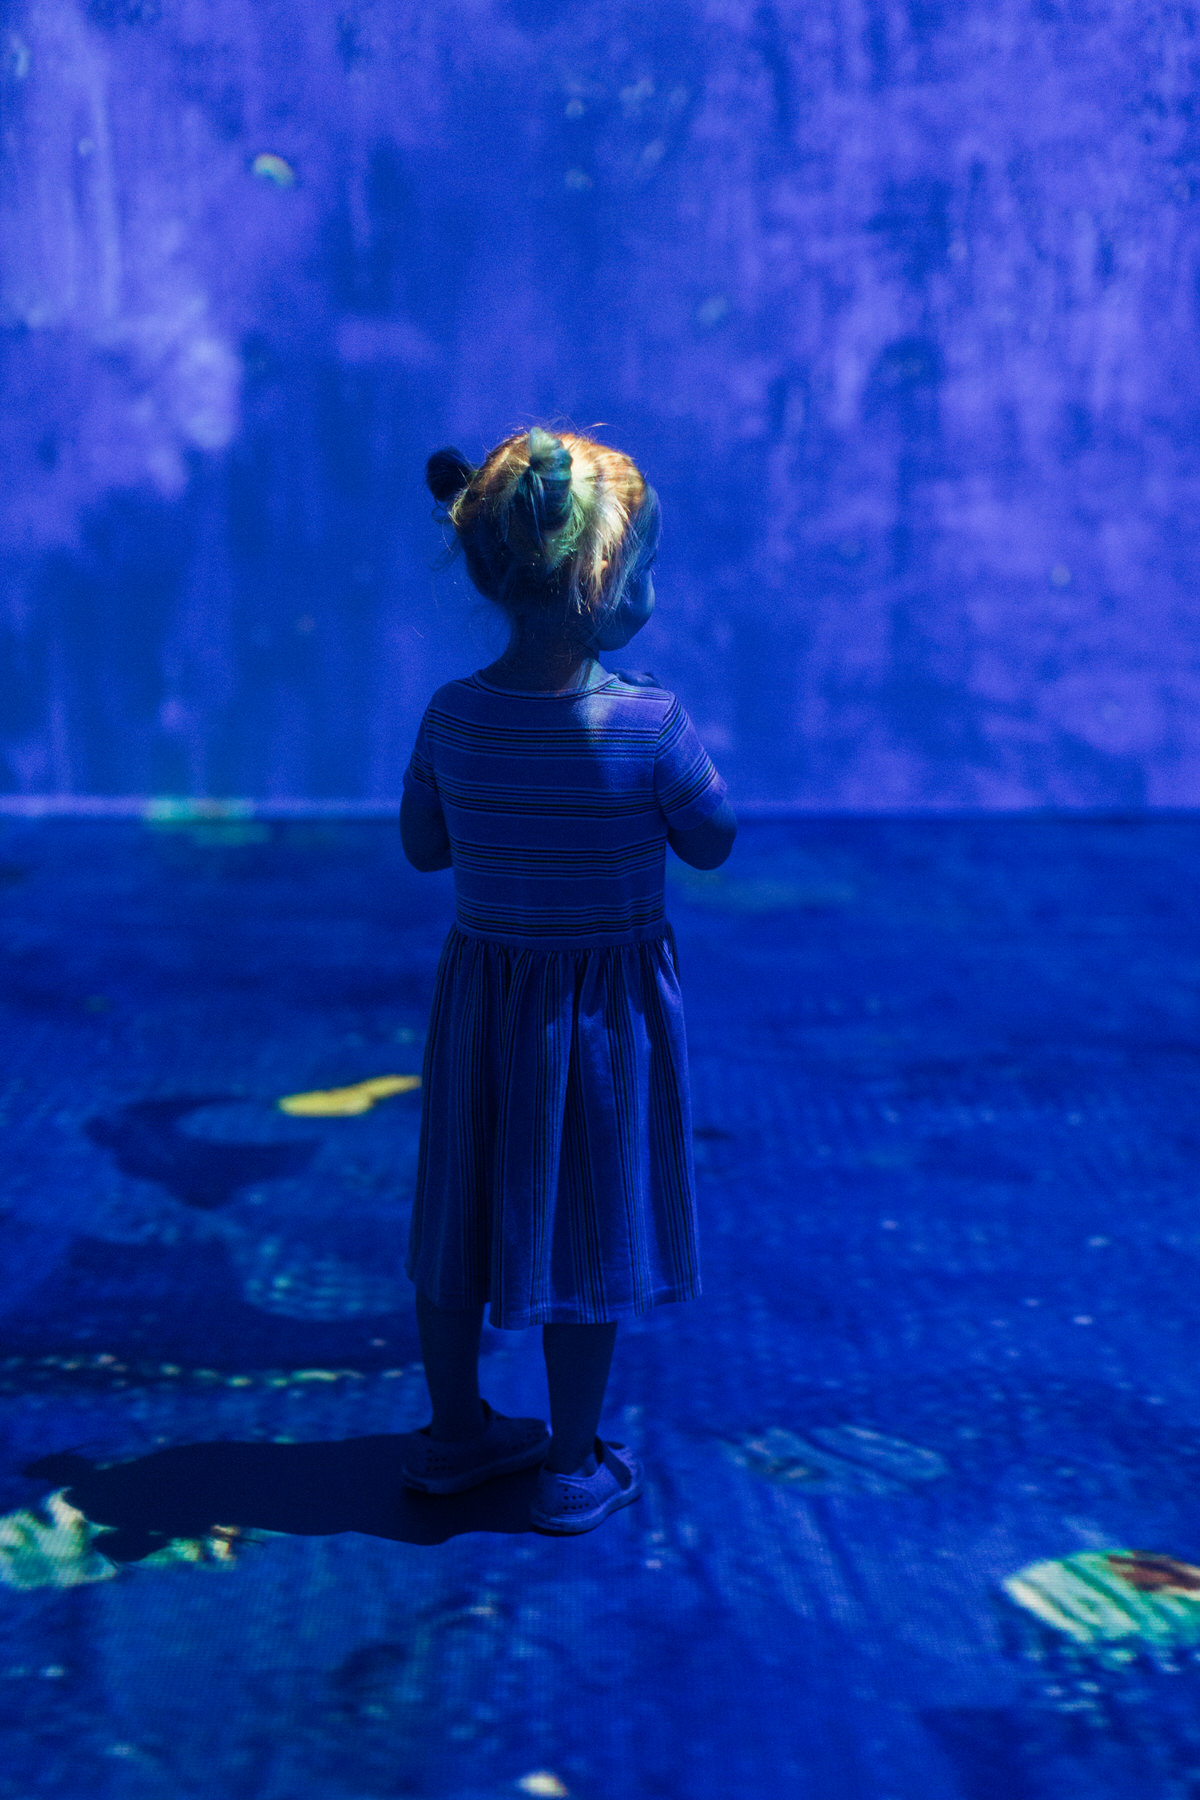 Van-Gogh-Exhibit-Wisconsin-Center-Milwaukee-by-Studio-L-Artist-Photographer-Laura-Schneider-_9811